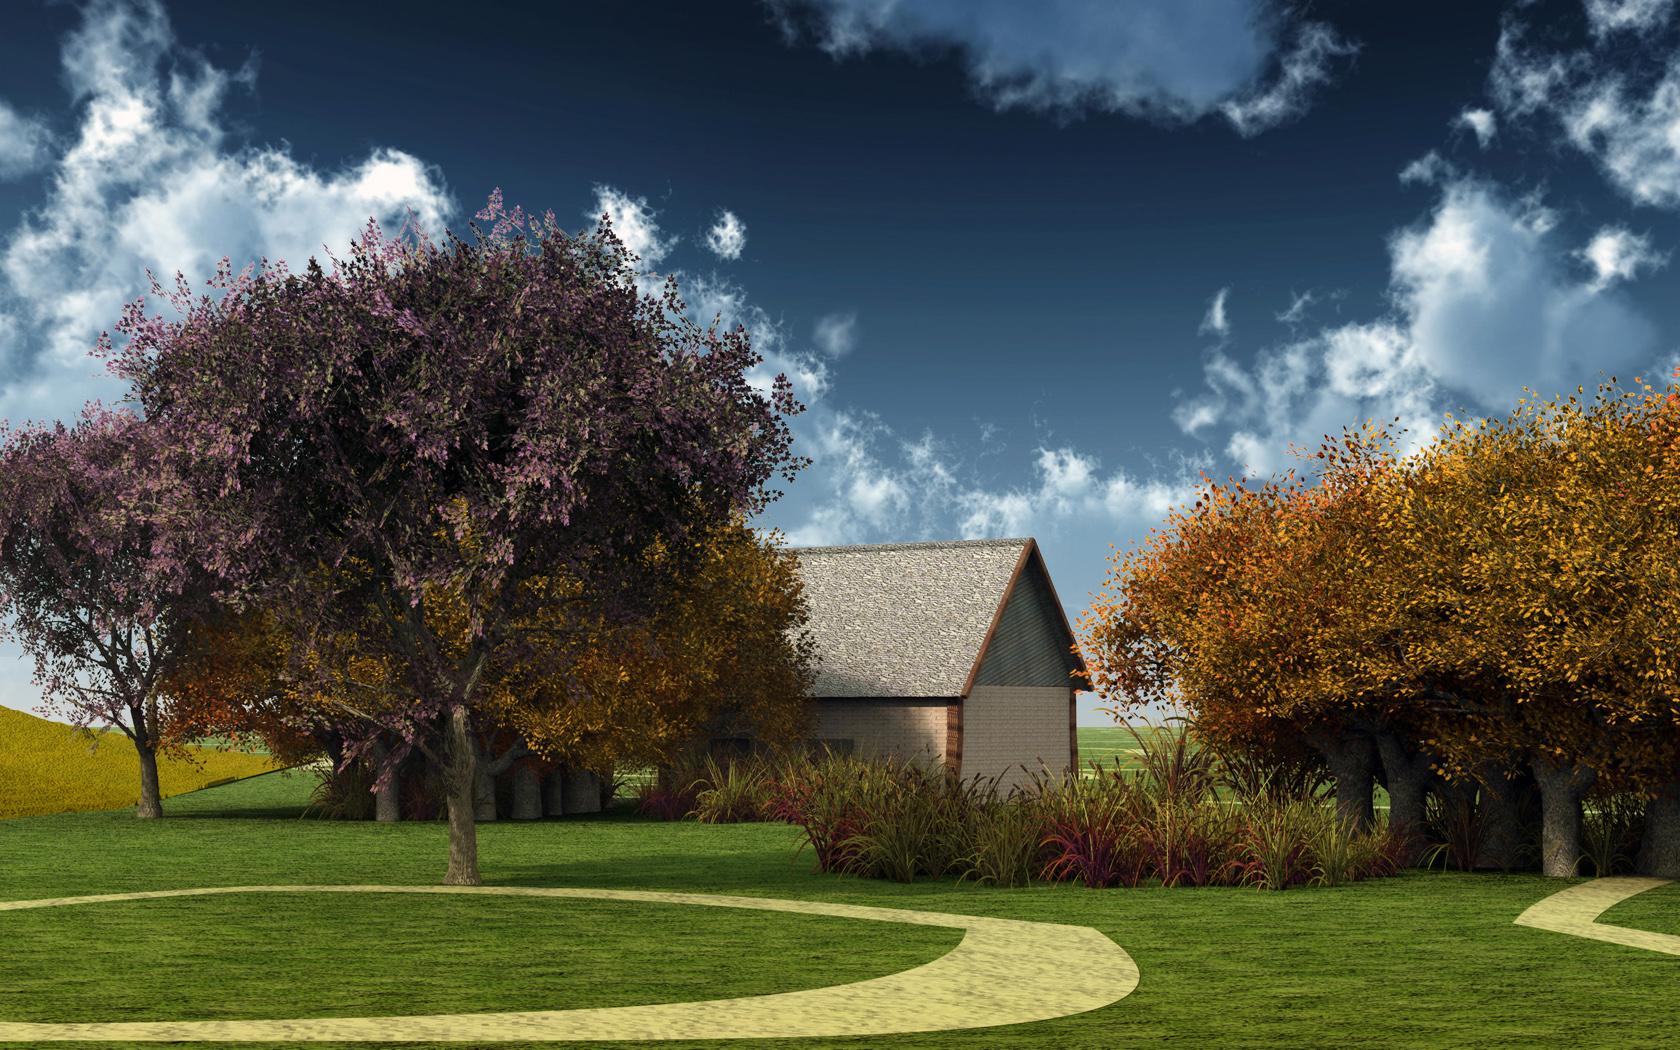 Hình nền mùa thu Autmnwallpaper1680x1050